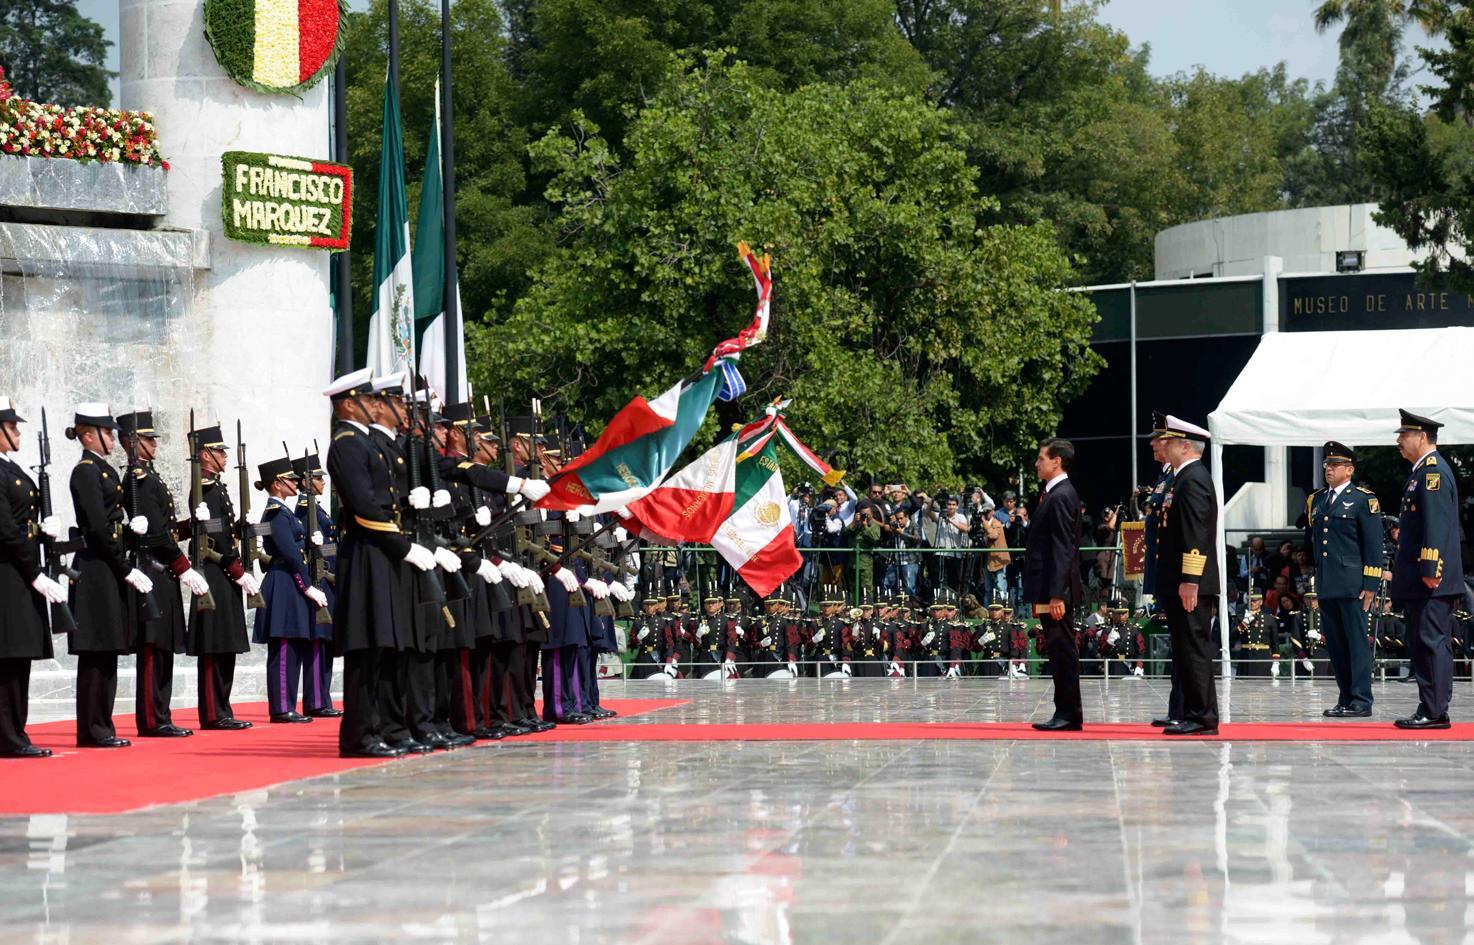 El Primer Mandatario depositó una ofrenda floral y montó una Guardia de Honor en el Altar a la Patria, acompañado por representantes de los Poderes Legislativo y Judicial de la Unión, e integrantes de su Gabinete.